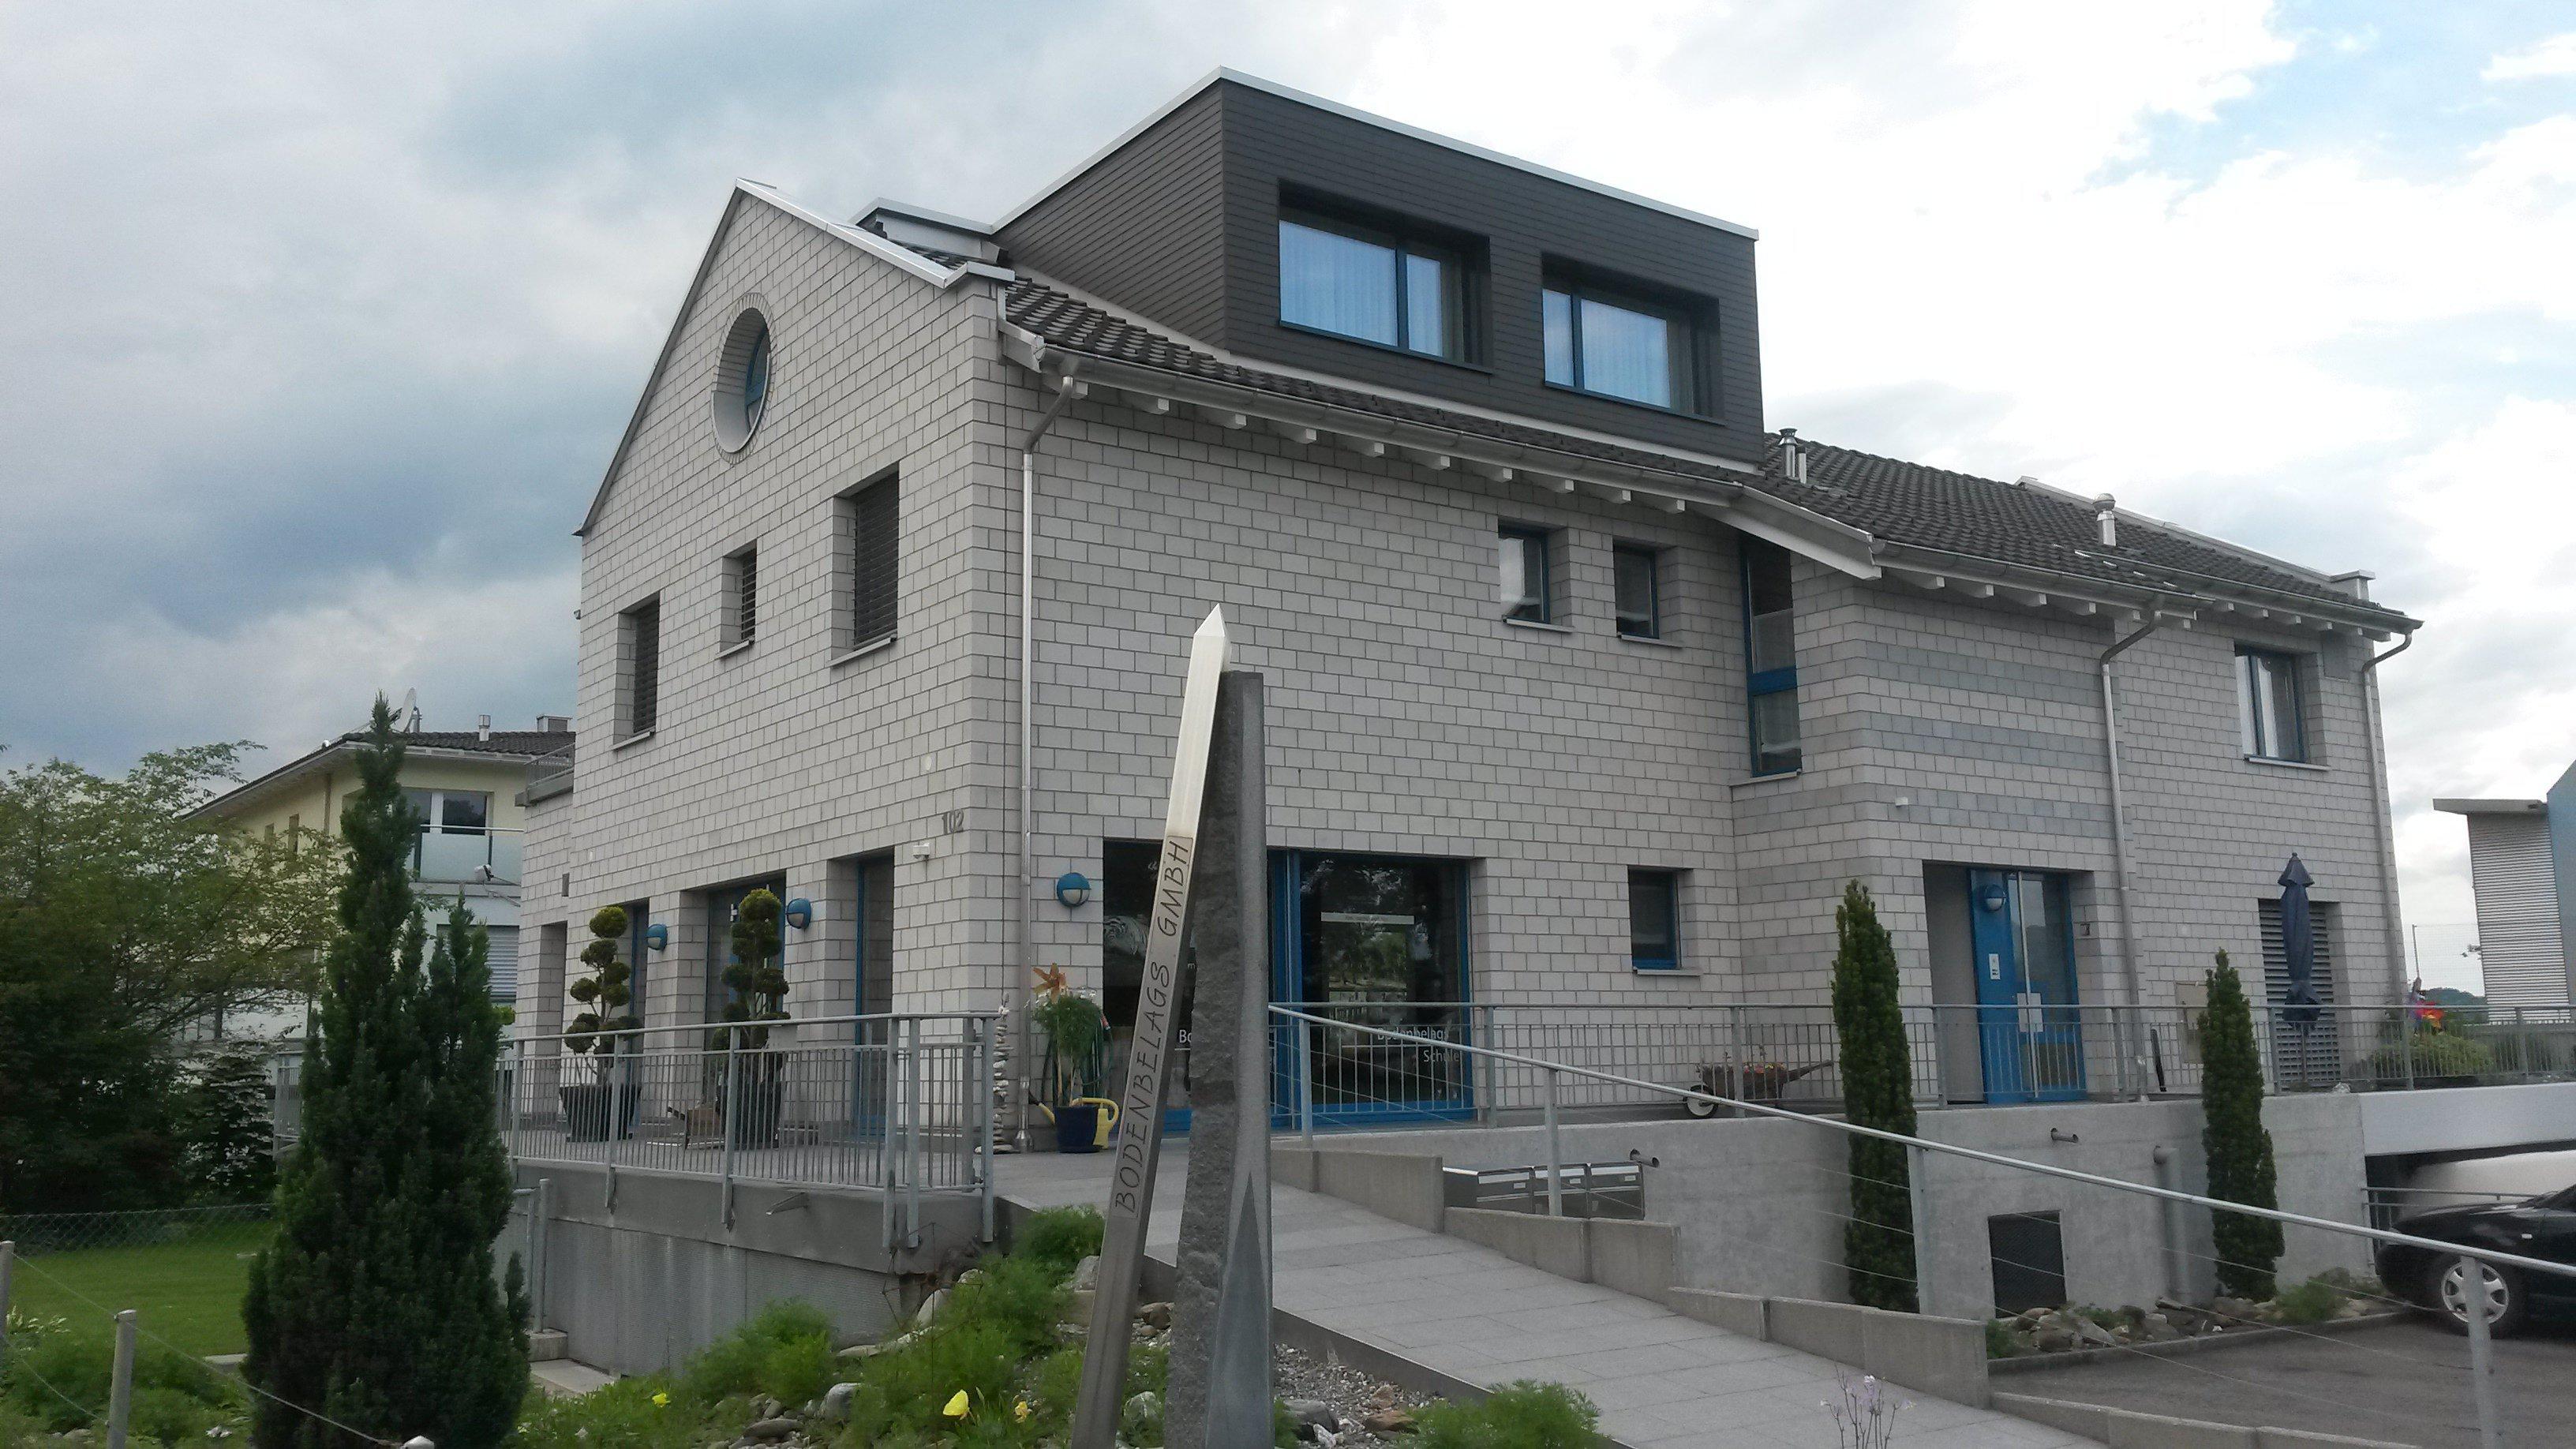 Bodenbelags GmbH